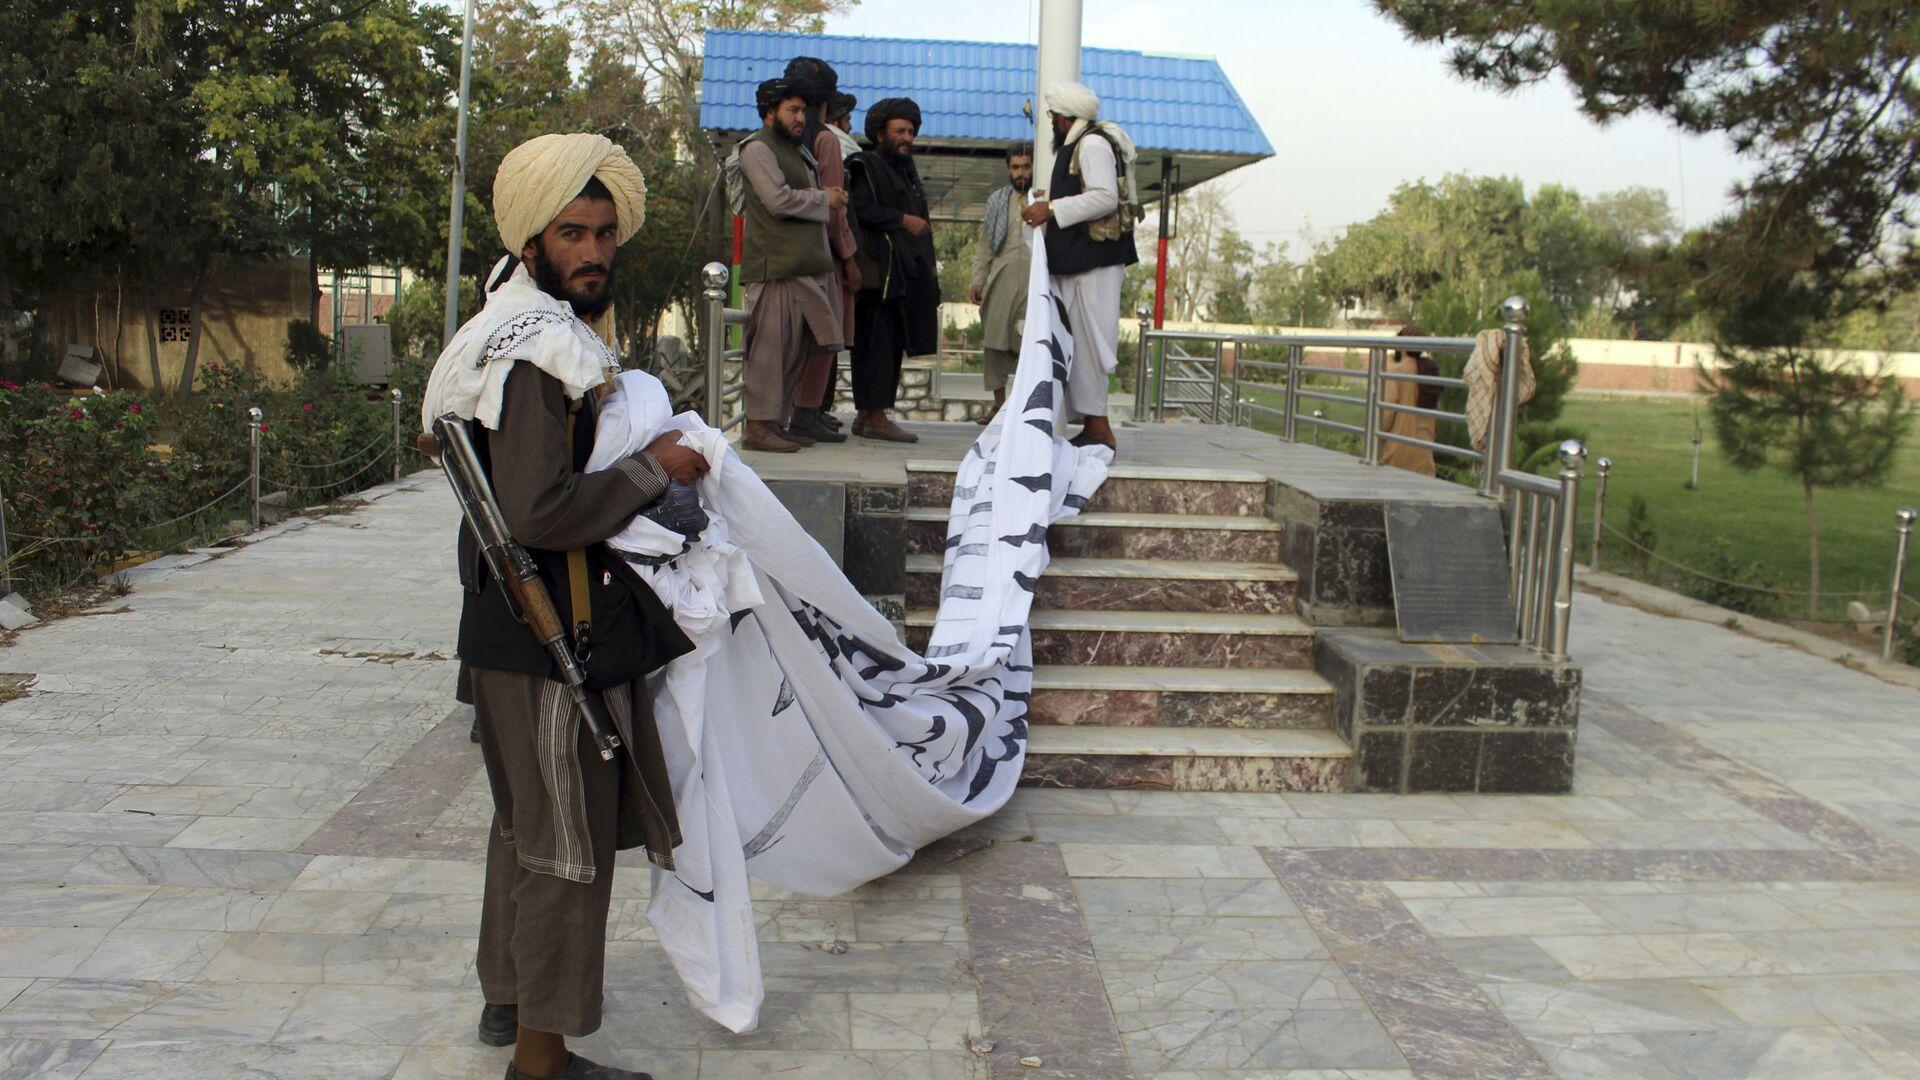 Bojownicy Taliban* wznoszą swoją flagę przed rezydencją gubernatora prowincji Ghazni, południowy wschód Afganistanu - Sputnik Polska, 1920, 09.10.2021